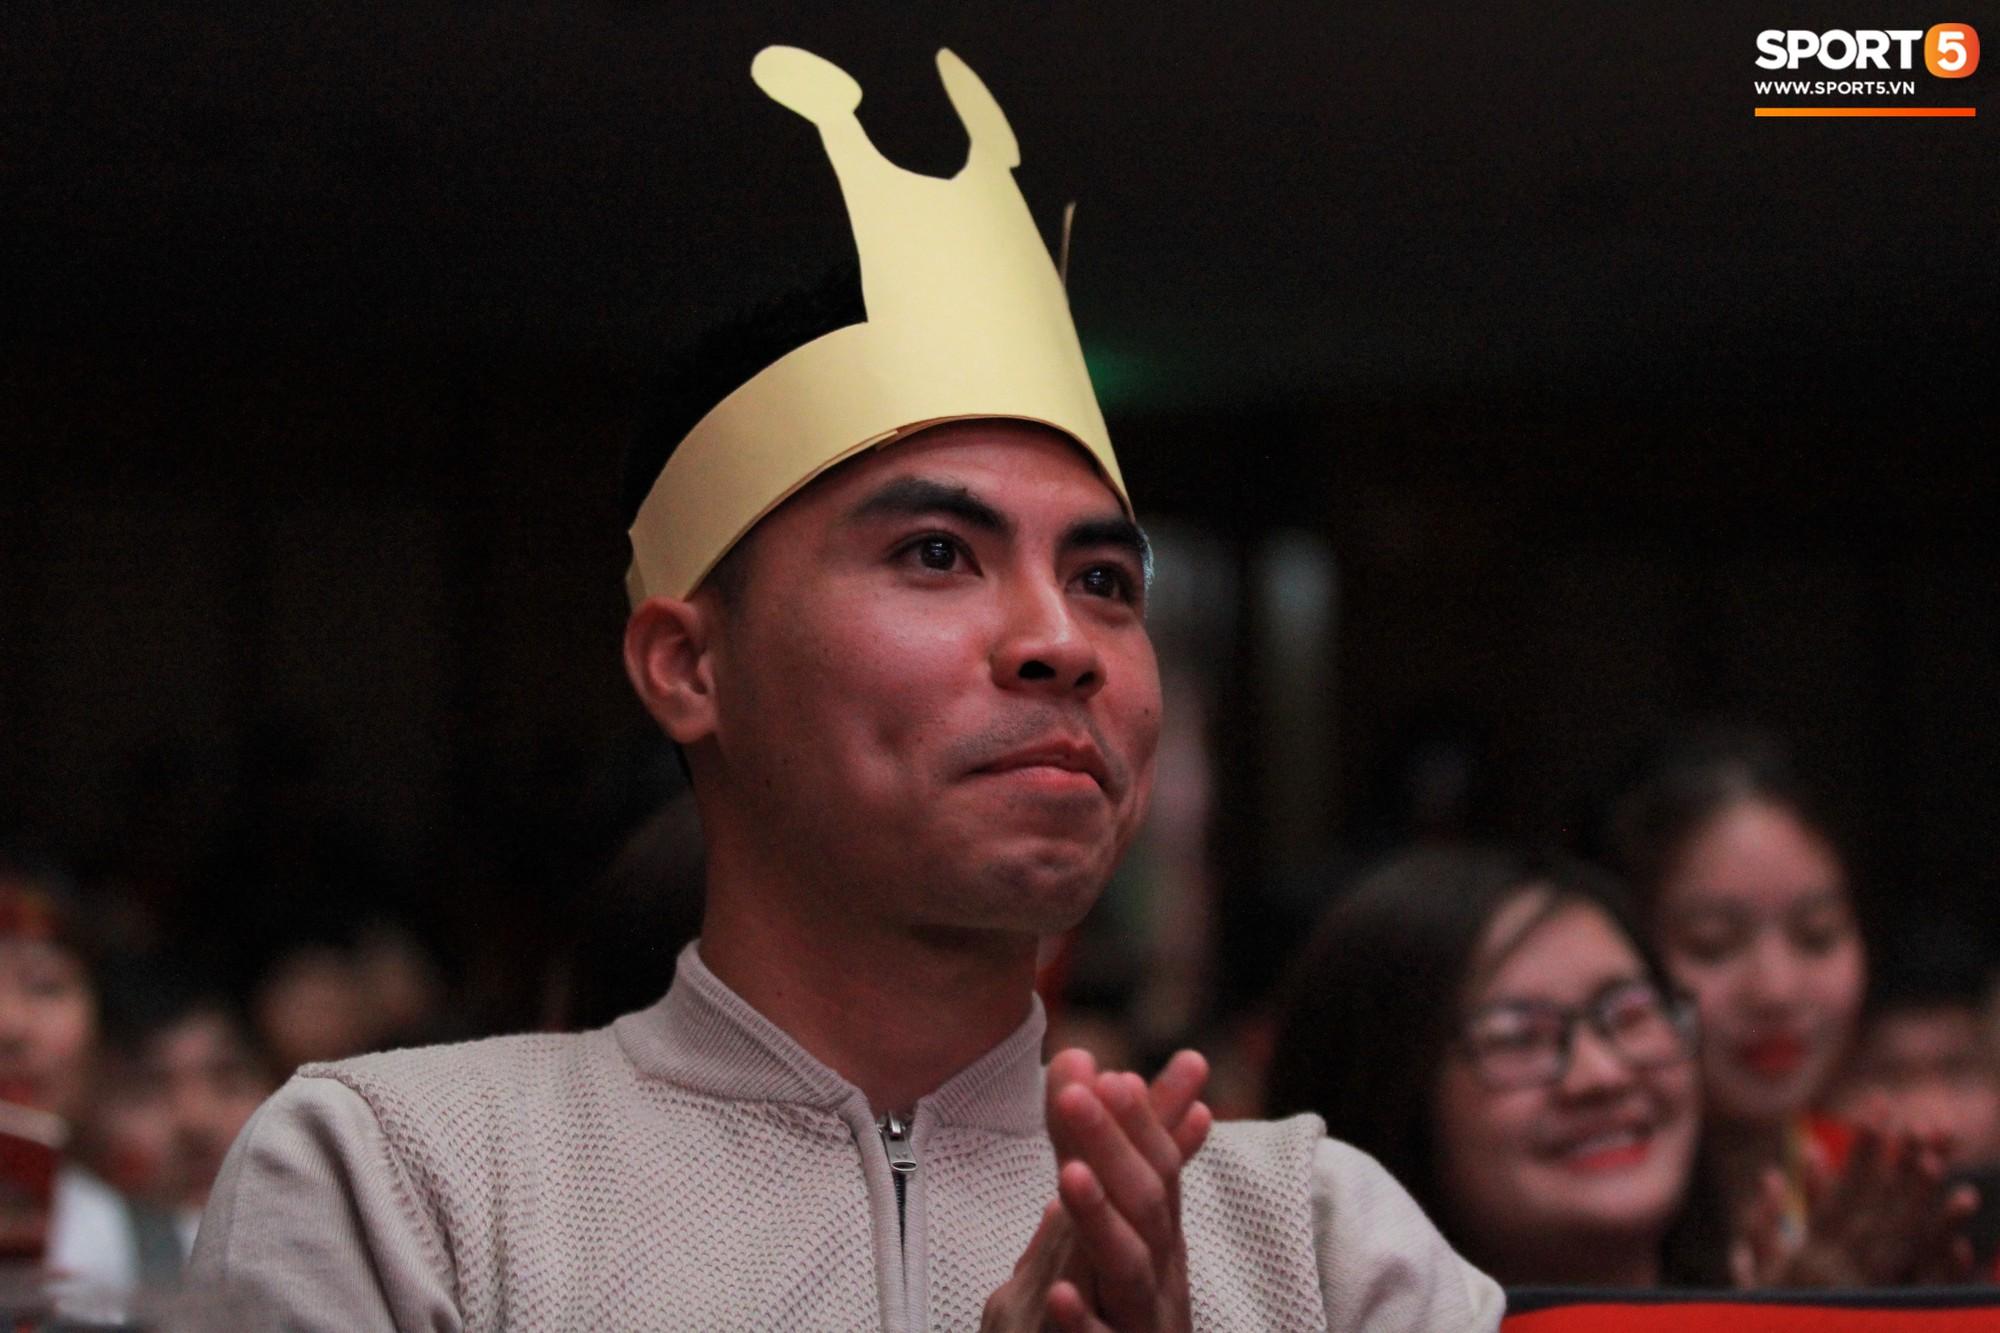 Nhà vô địch Phạm Đức Huy truyền cảm hứng cho sinh viên Học viện Công nghệ Bưu chính Viễn thông - Ảnh 5.